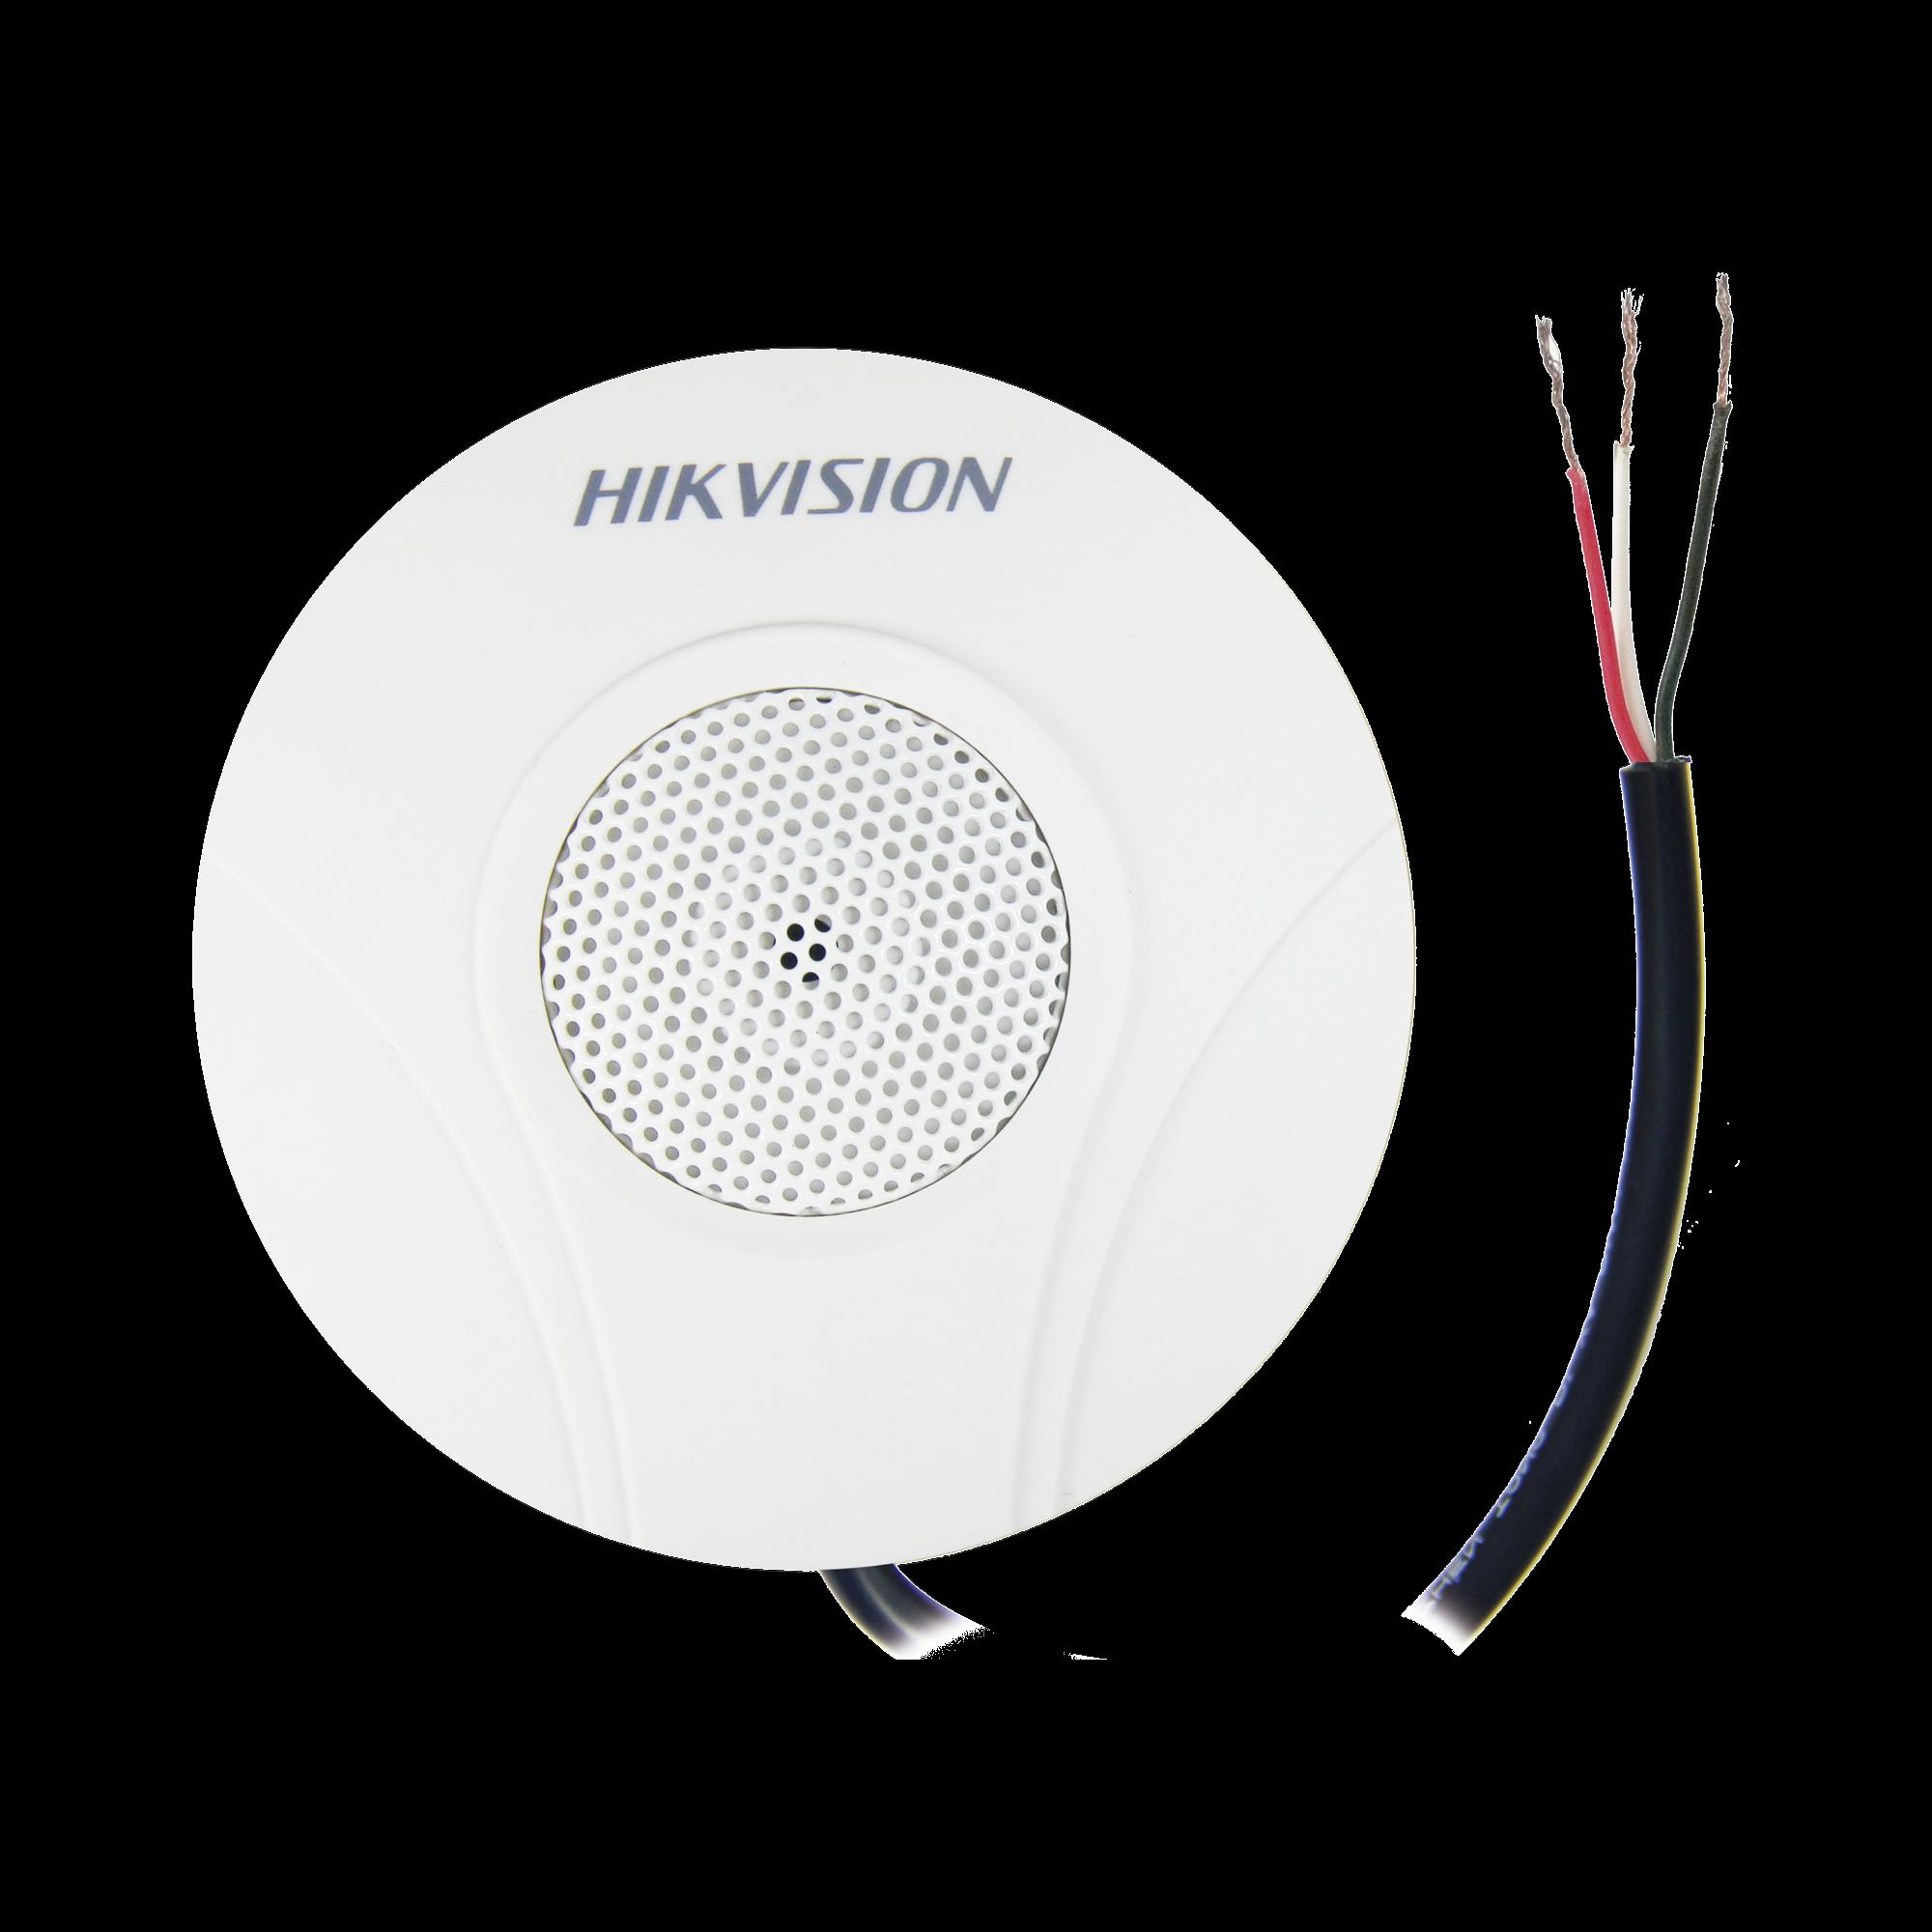 Micrófono Omnidireccional / Uso en Interior / Preamplificado para CCTV / Cancelación de Ruido Ambiental